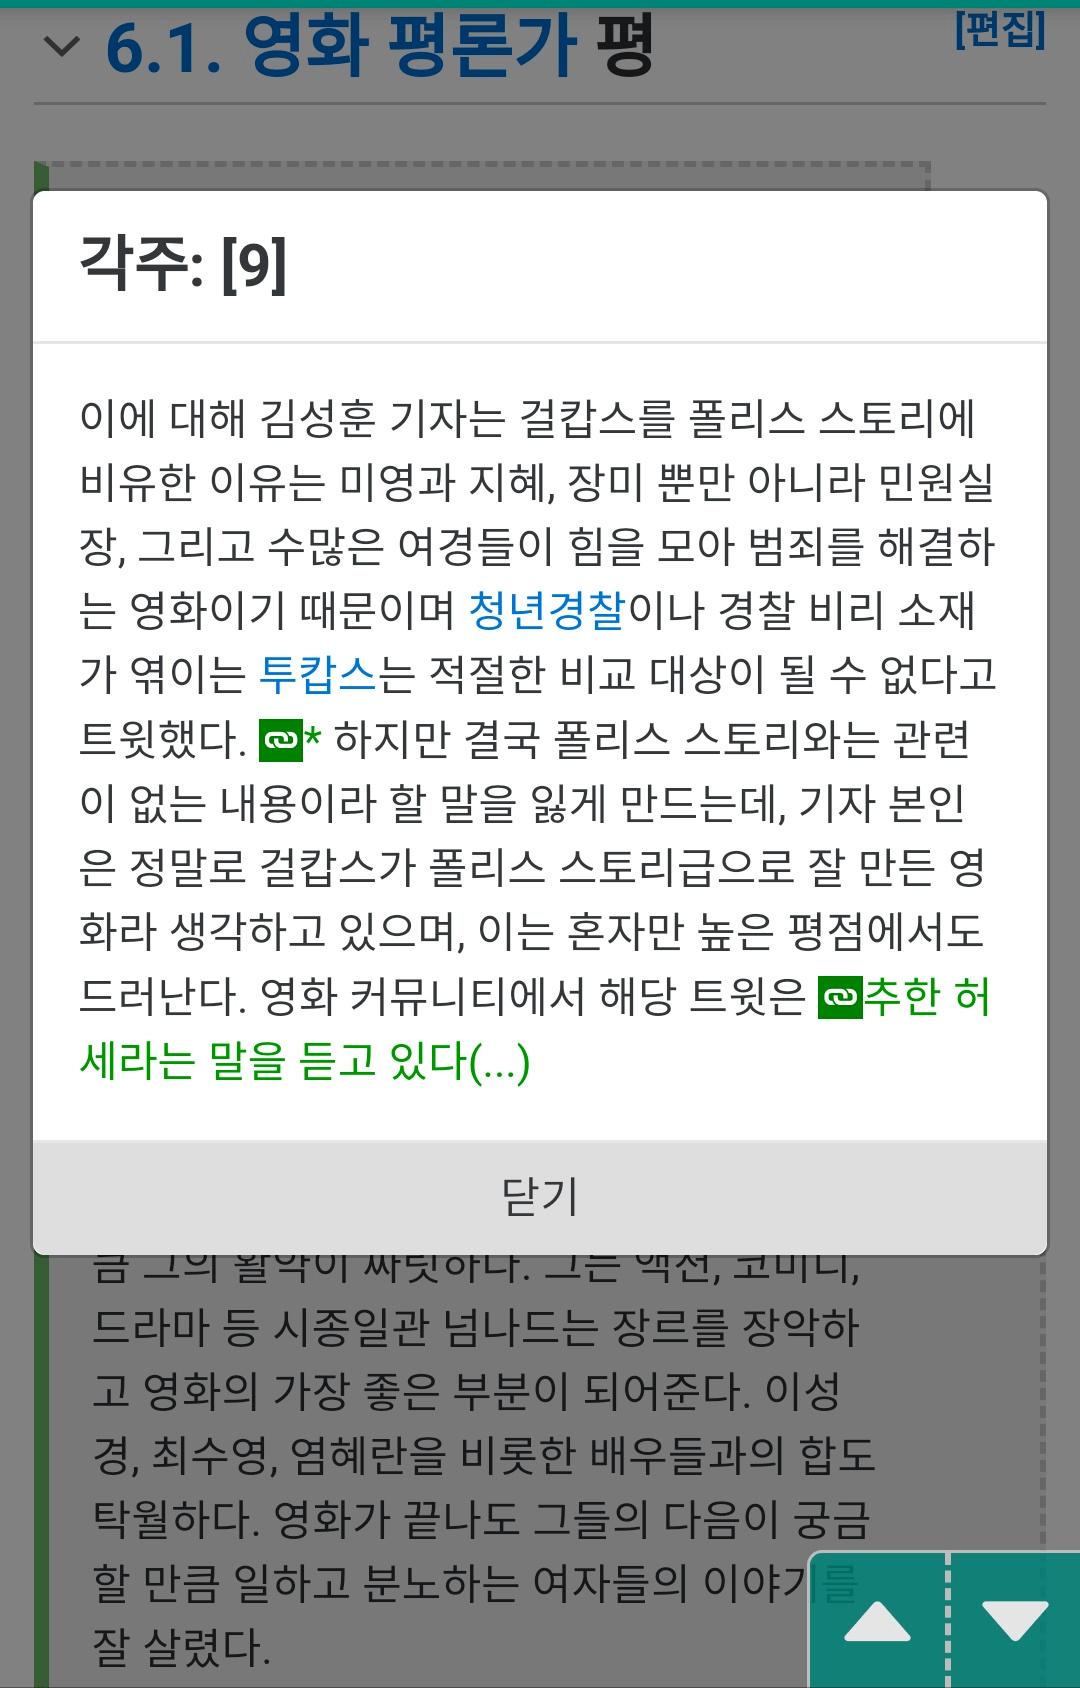 Screenshot_2019-05-14-15-50-42-091_com.android.chrome.png 평론가를 저격하는 나무위키를 저격하는 평론가를 저격하는...